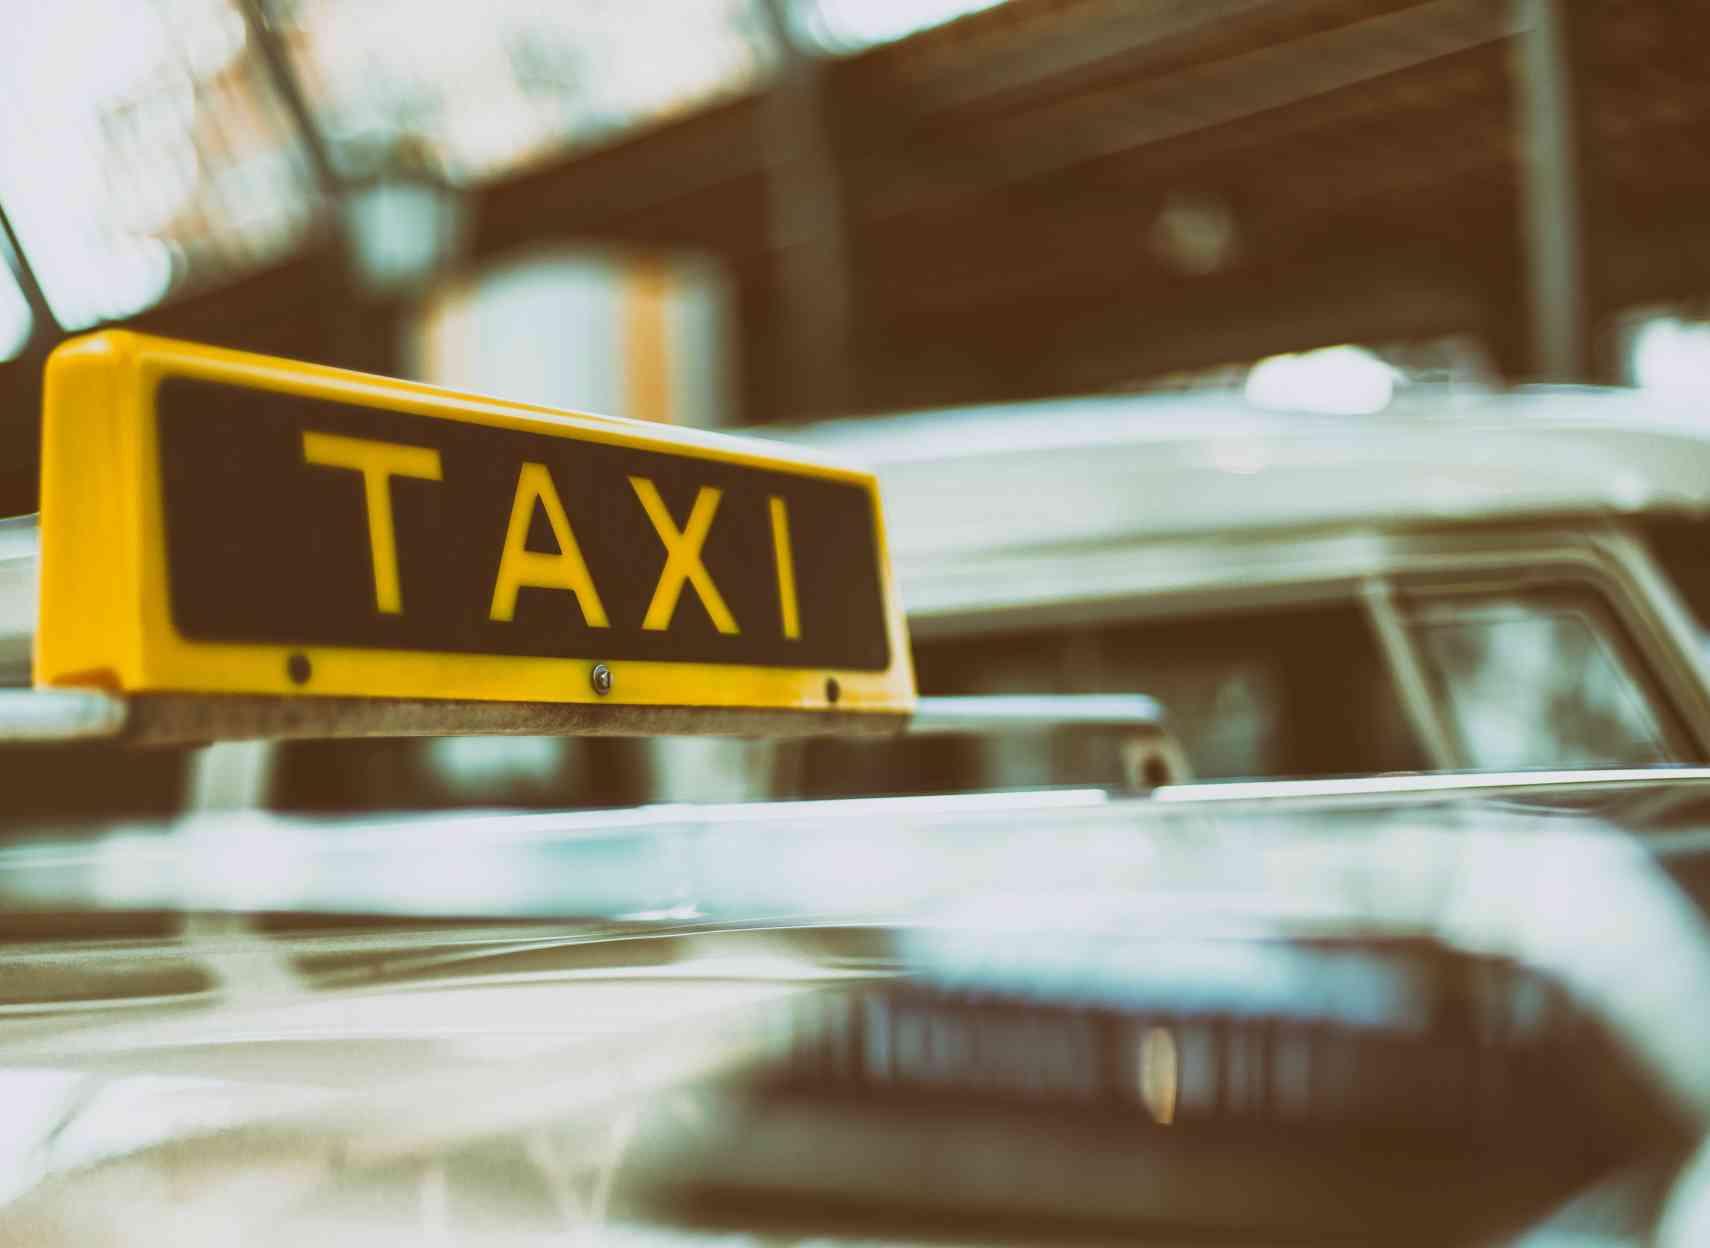 Des taxis gratuits pour lutter contre l'alcool au volant